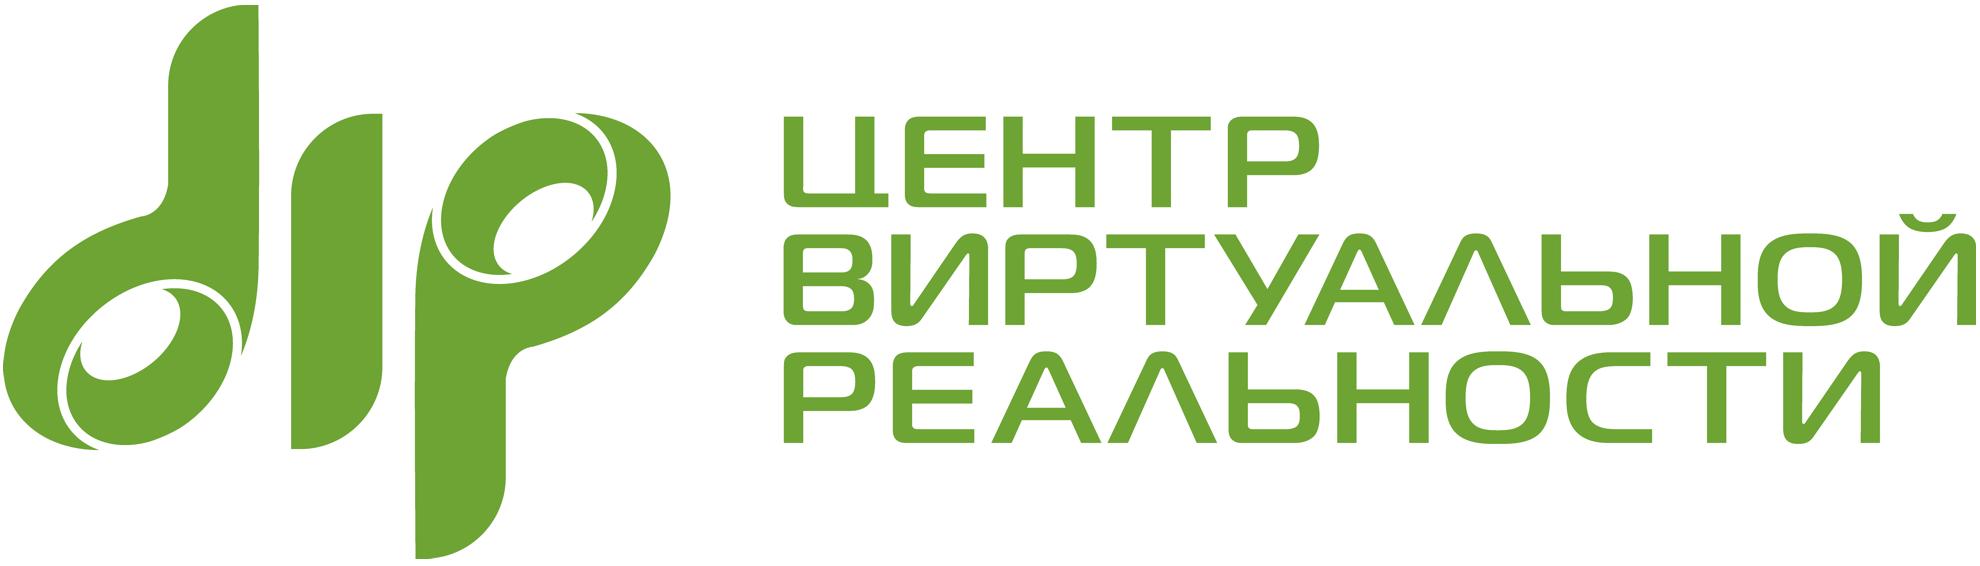 logo_site234